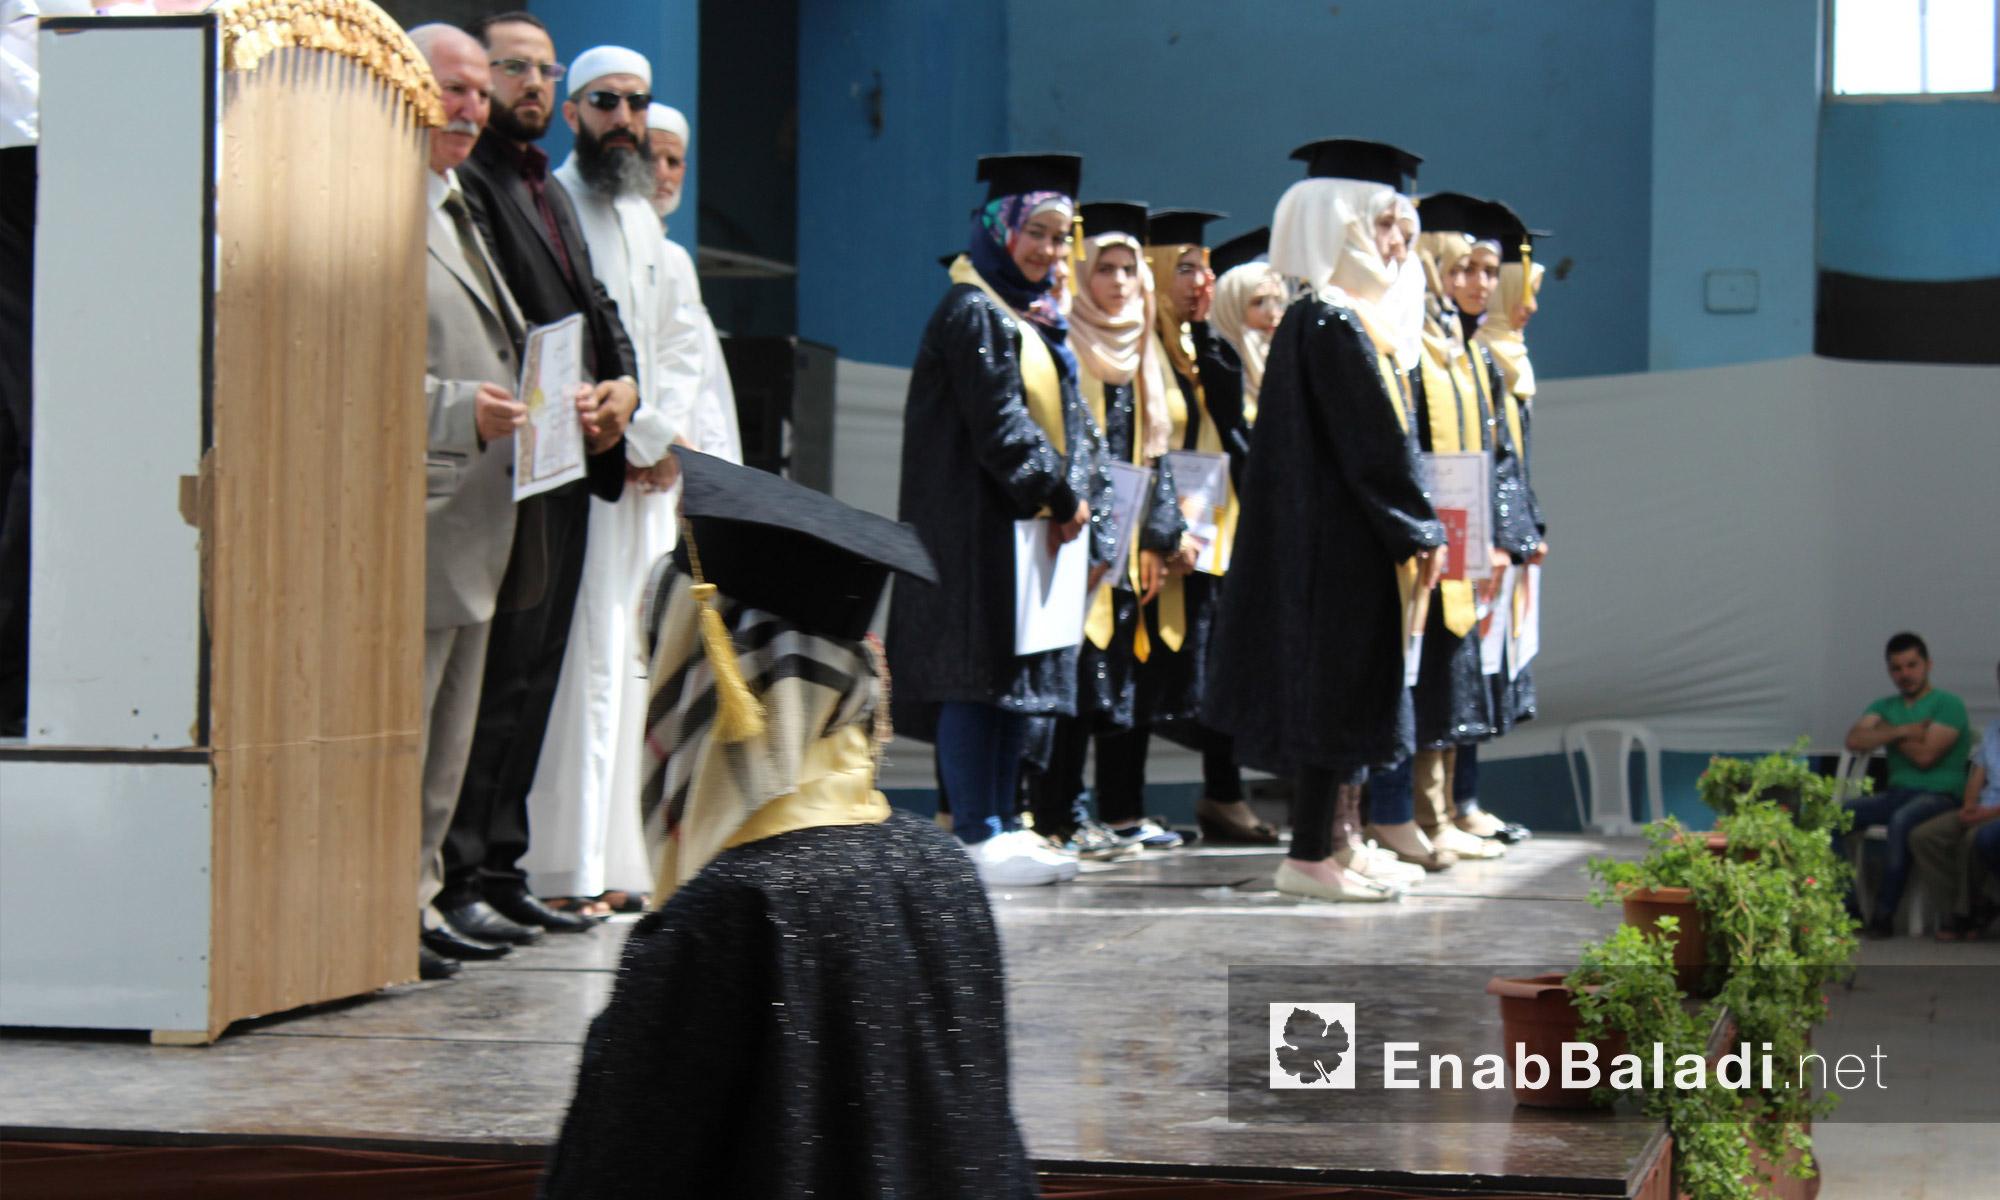 """من حفل تكريم طلاب مجموعة """"علمني"""" التعليمية في حي الوعر المحاصر بحمص - الاثنين 25 تموز (عنب بلدي)"""